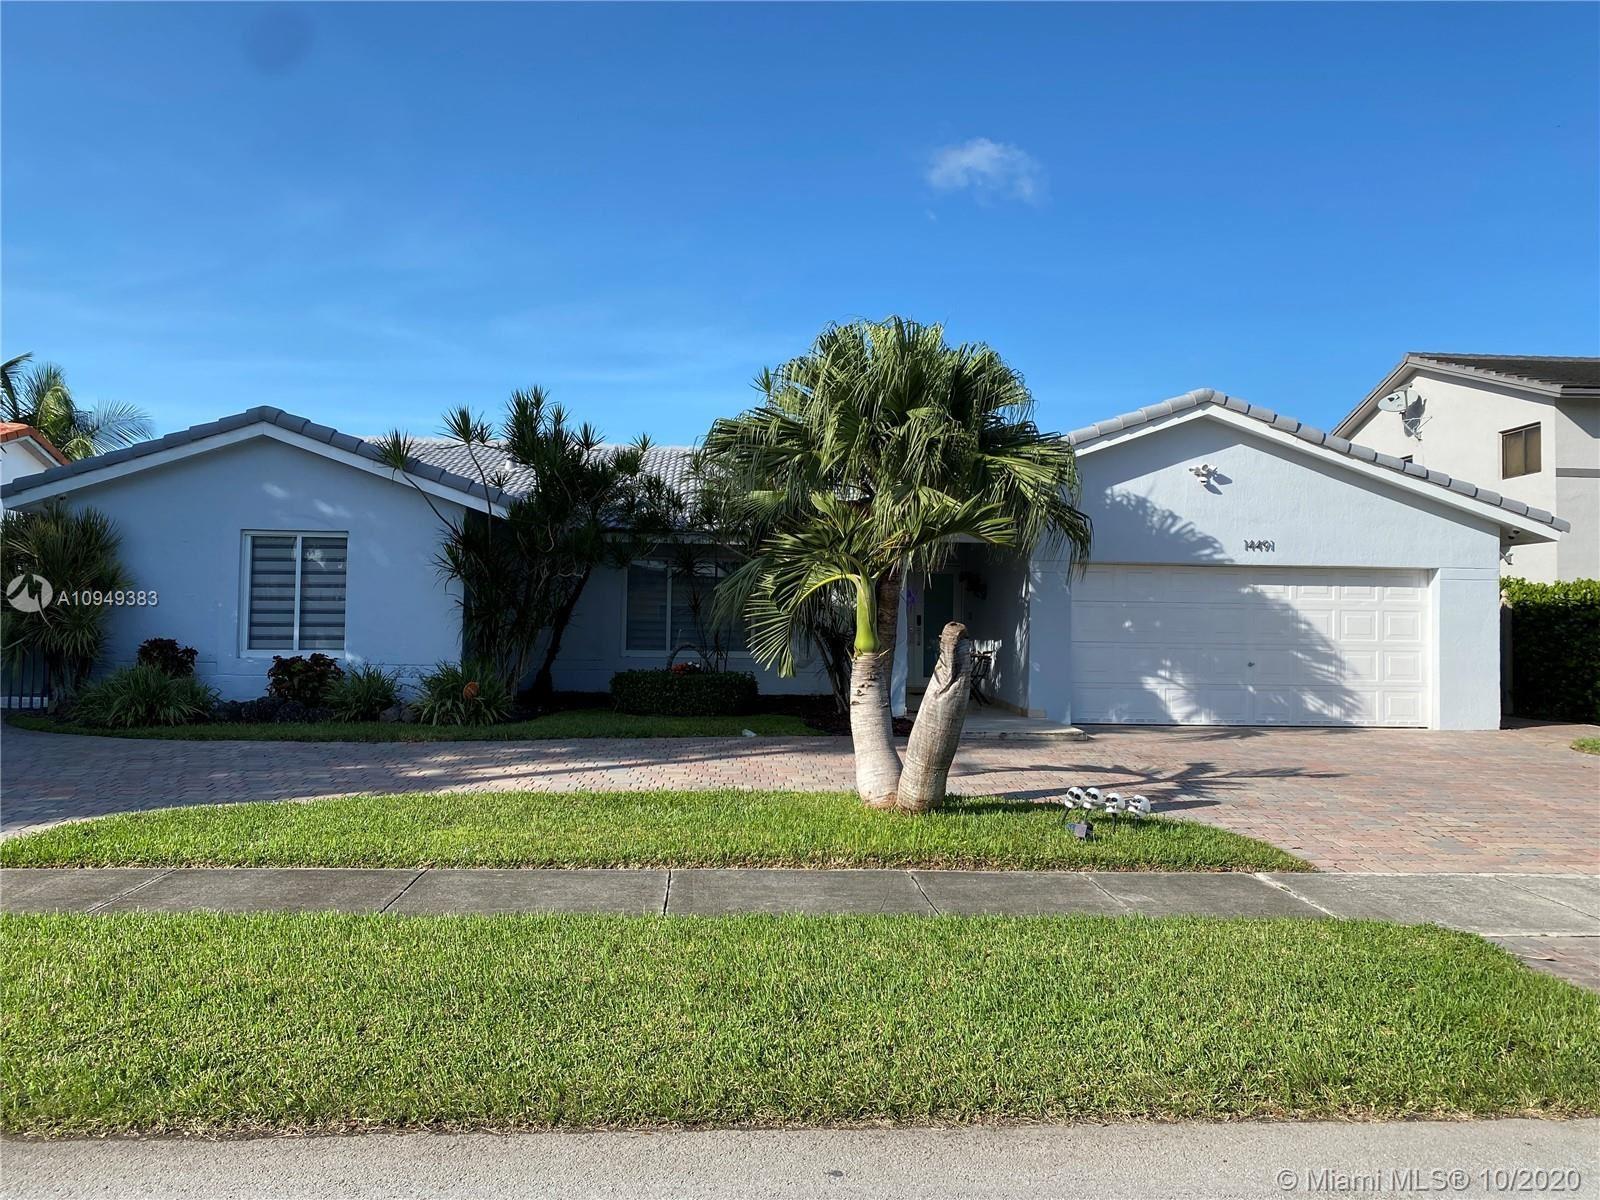 14491 SW 150th St, Miami, FL 33186 - #: A10949383